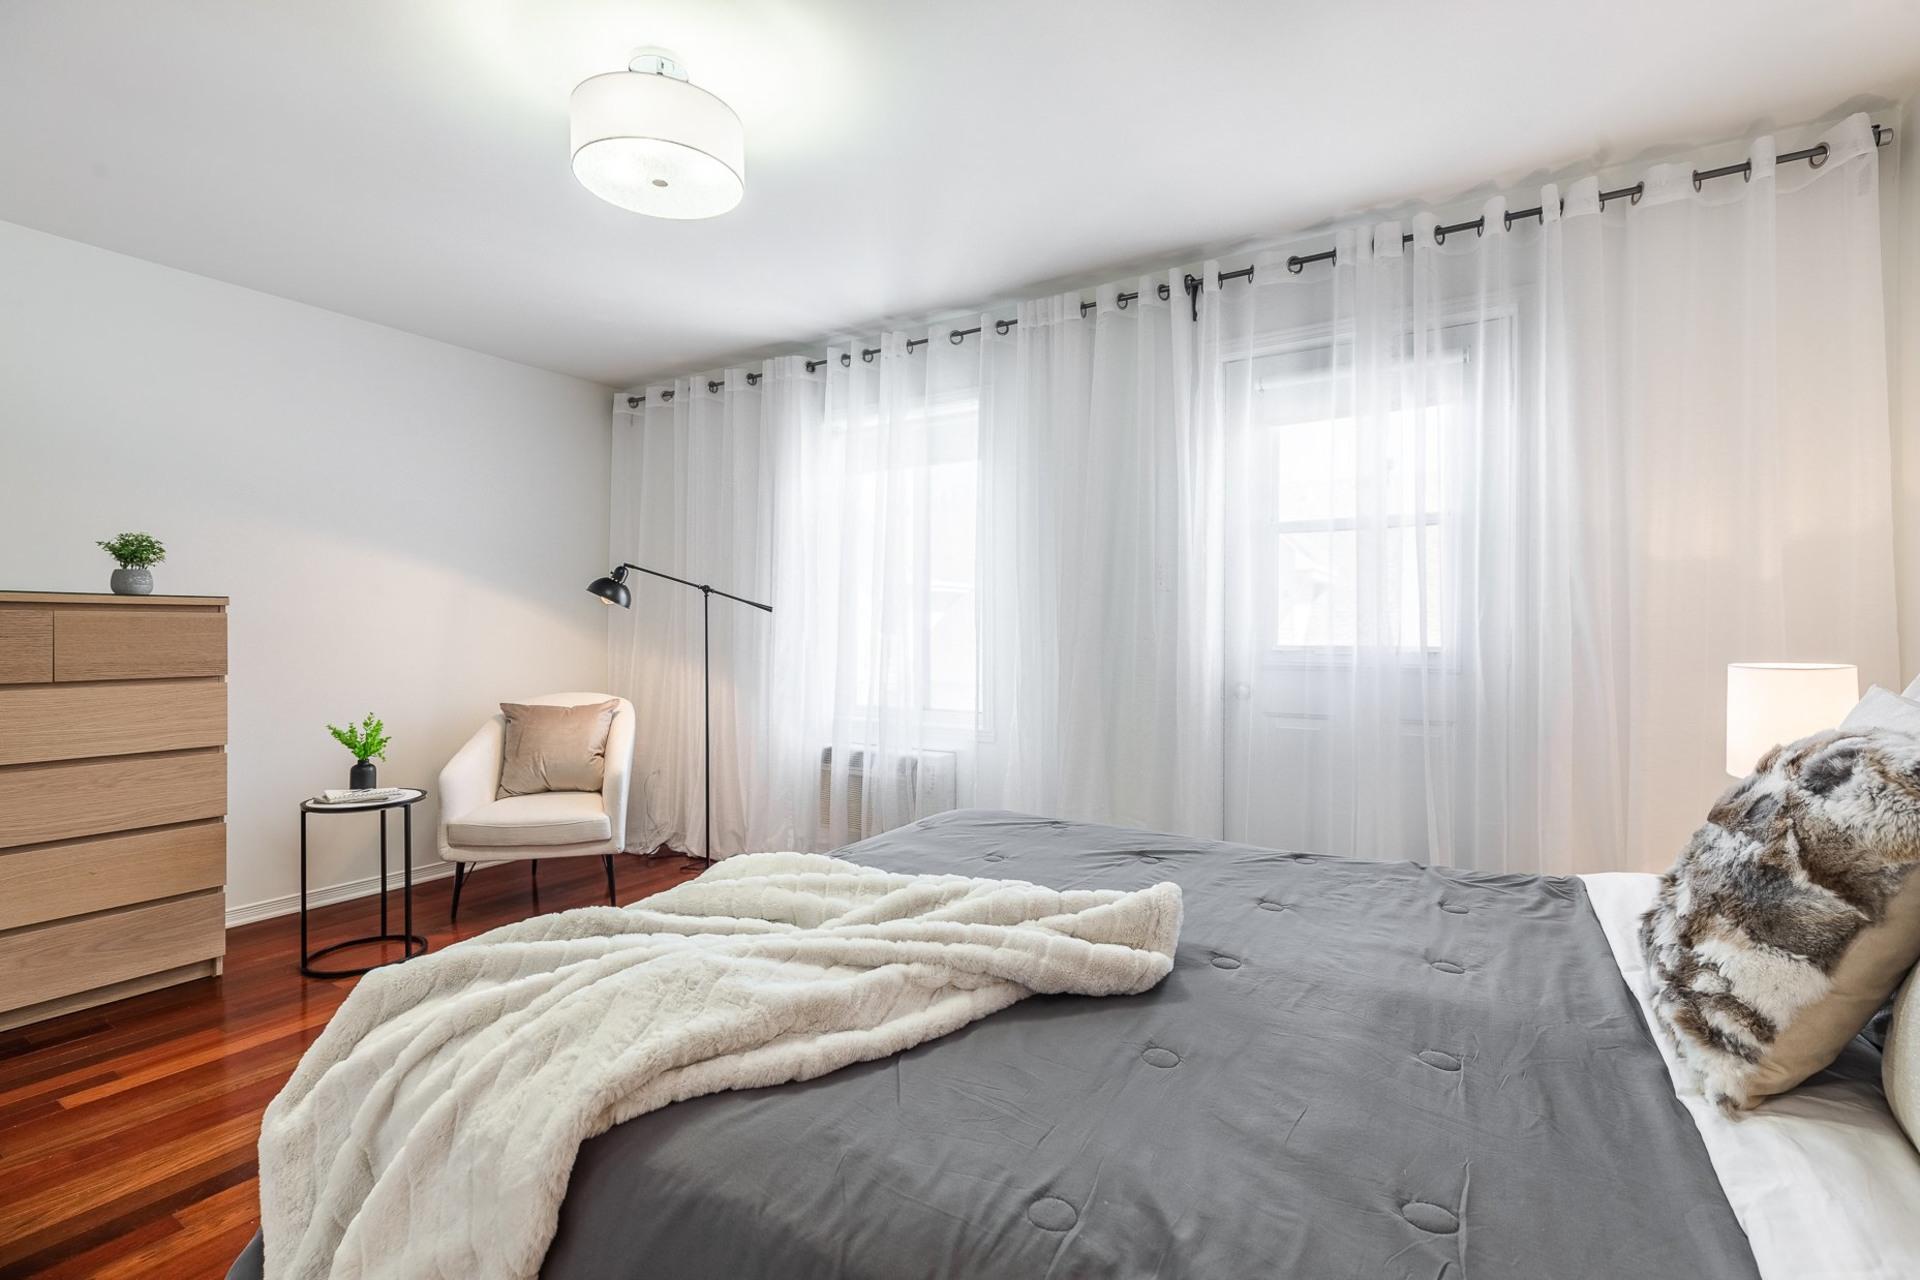 image 15 - Apartment For sale Mercier/Hochelaga-Maisonneuve Montréal  - 5 rooms